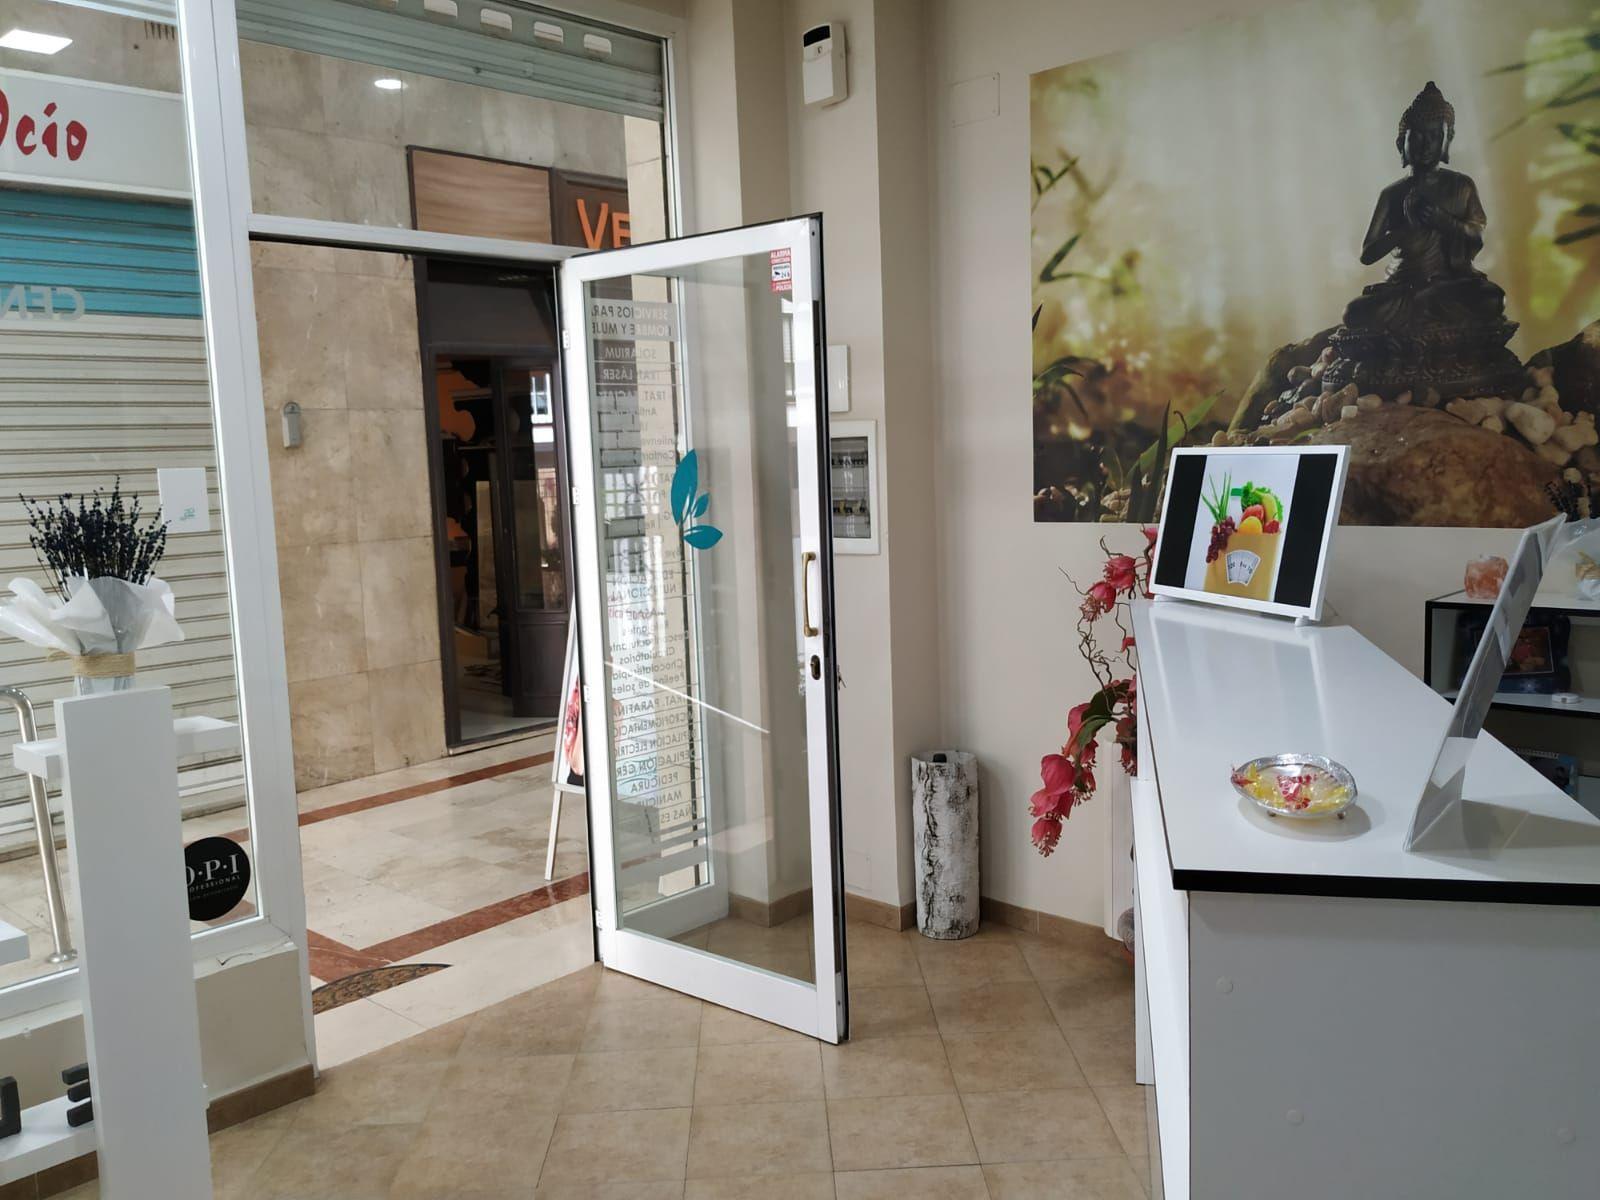 Foto 26 de Centro de bienestar y salud en Antequera | Centro Bienestar y Salud Cayma